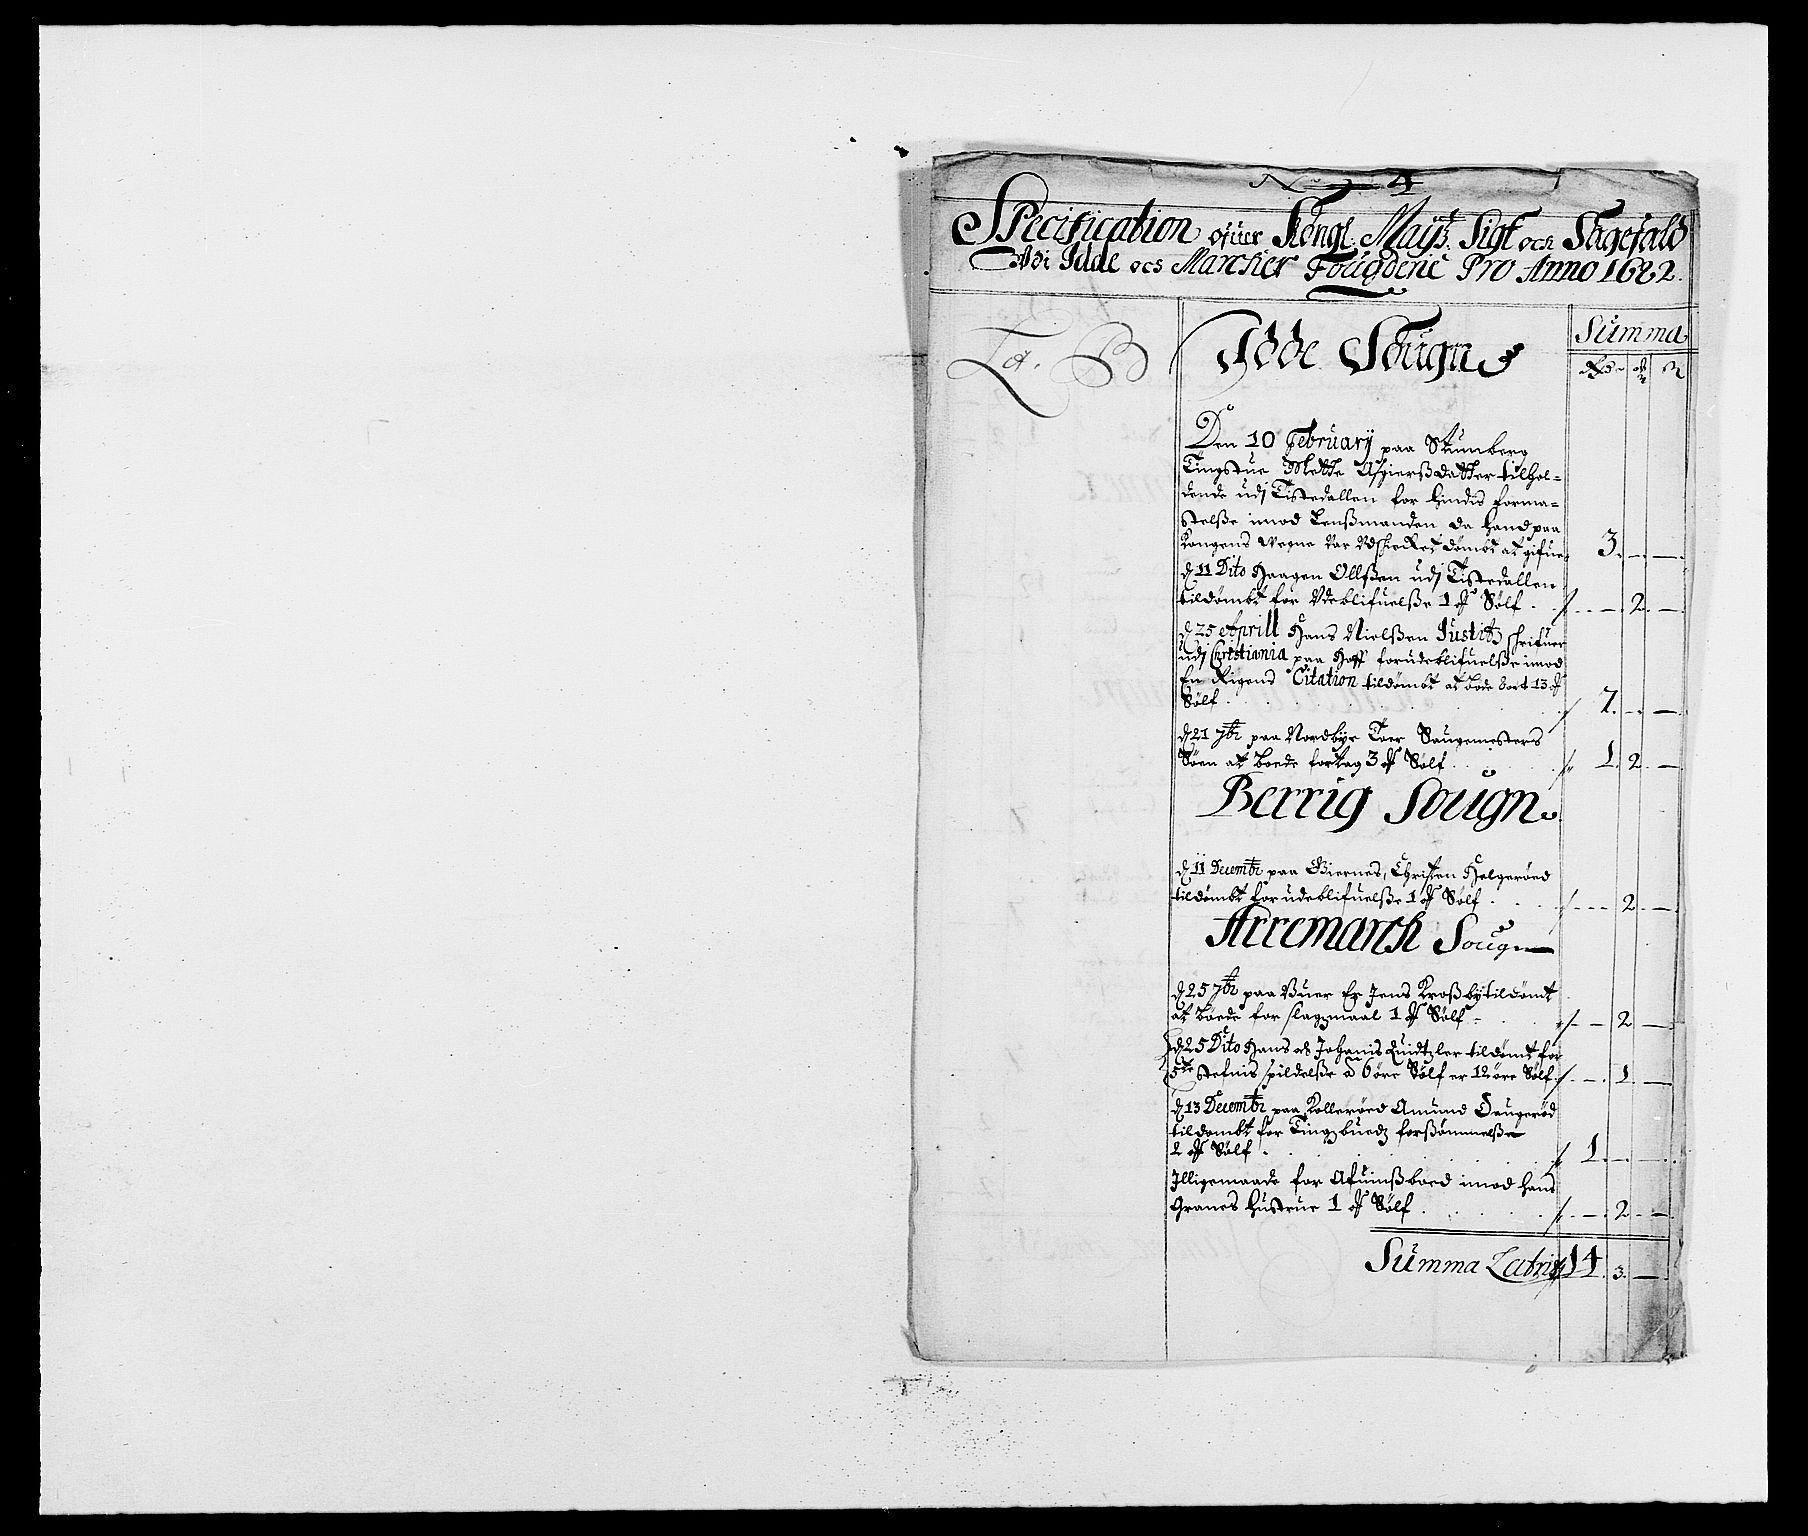 RA, Rentekammeret inntil 1814, Reviderte regnskaper, Fogderegnskap, R01/L0004: Fogderegnskap Idd og Marker , 1682-1683, s. 52